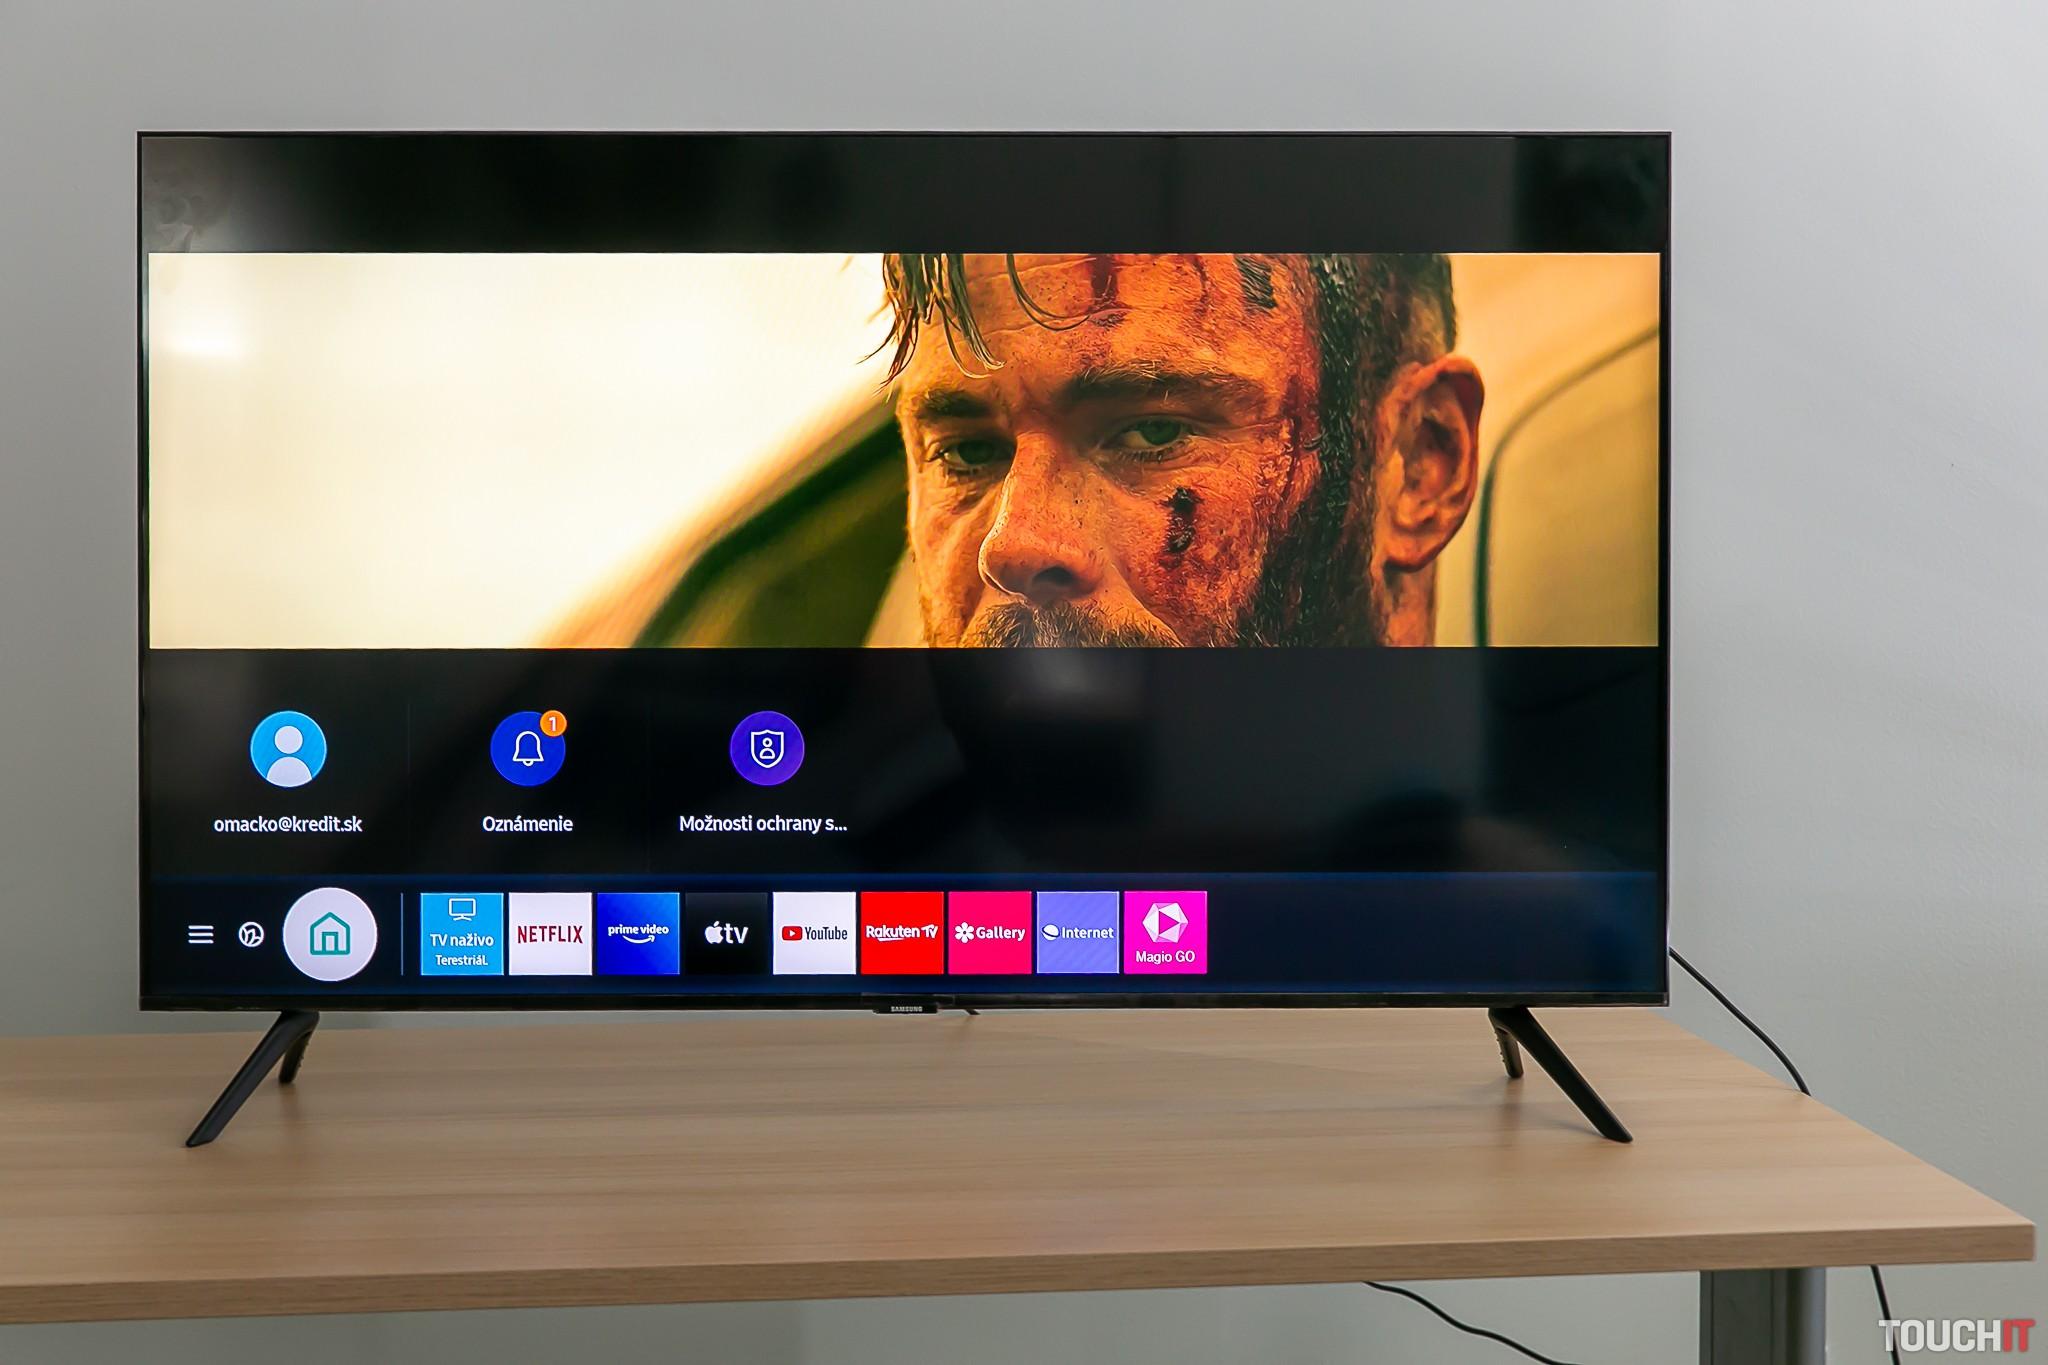 Sledovanie Netflixu a oznámenia na TV